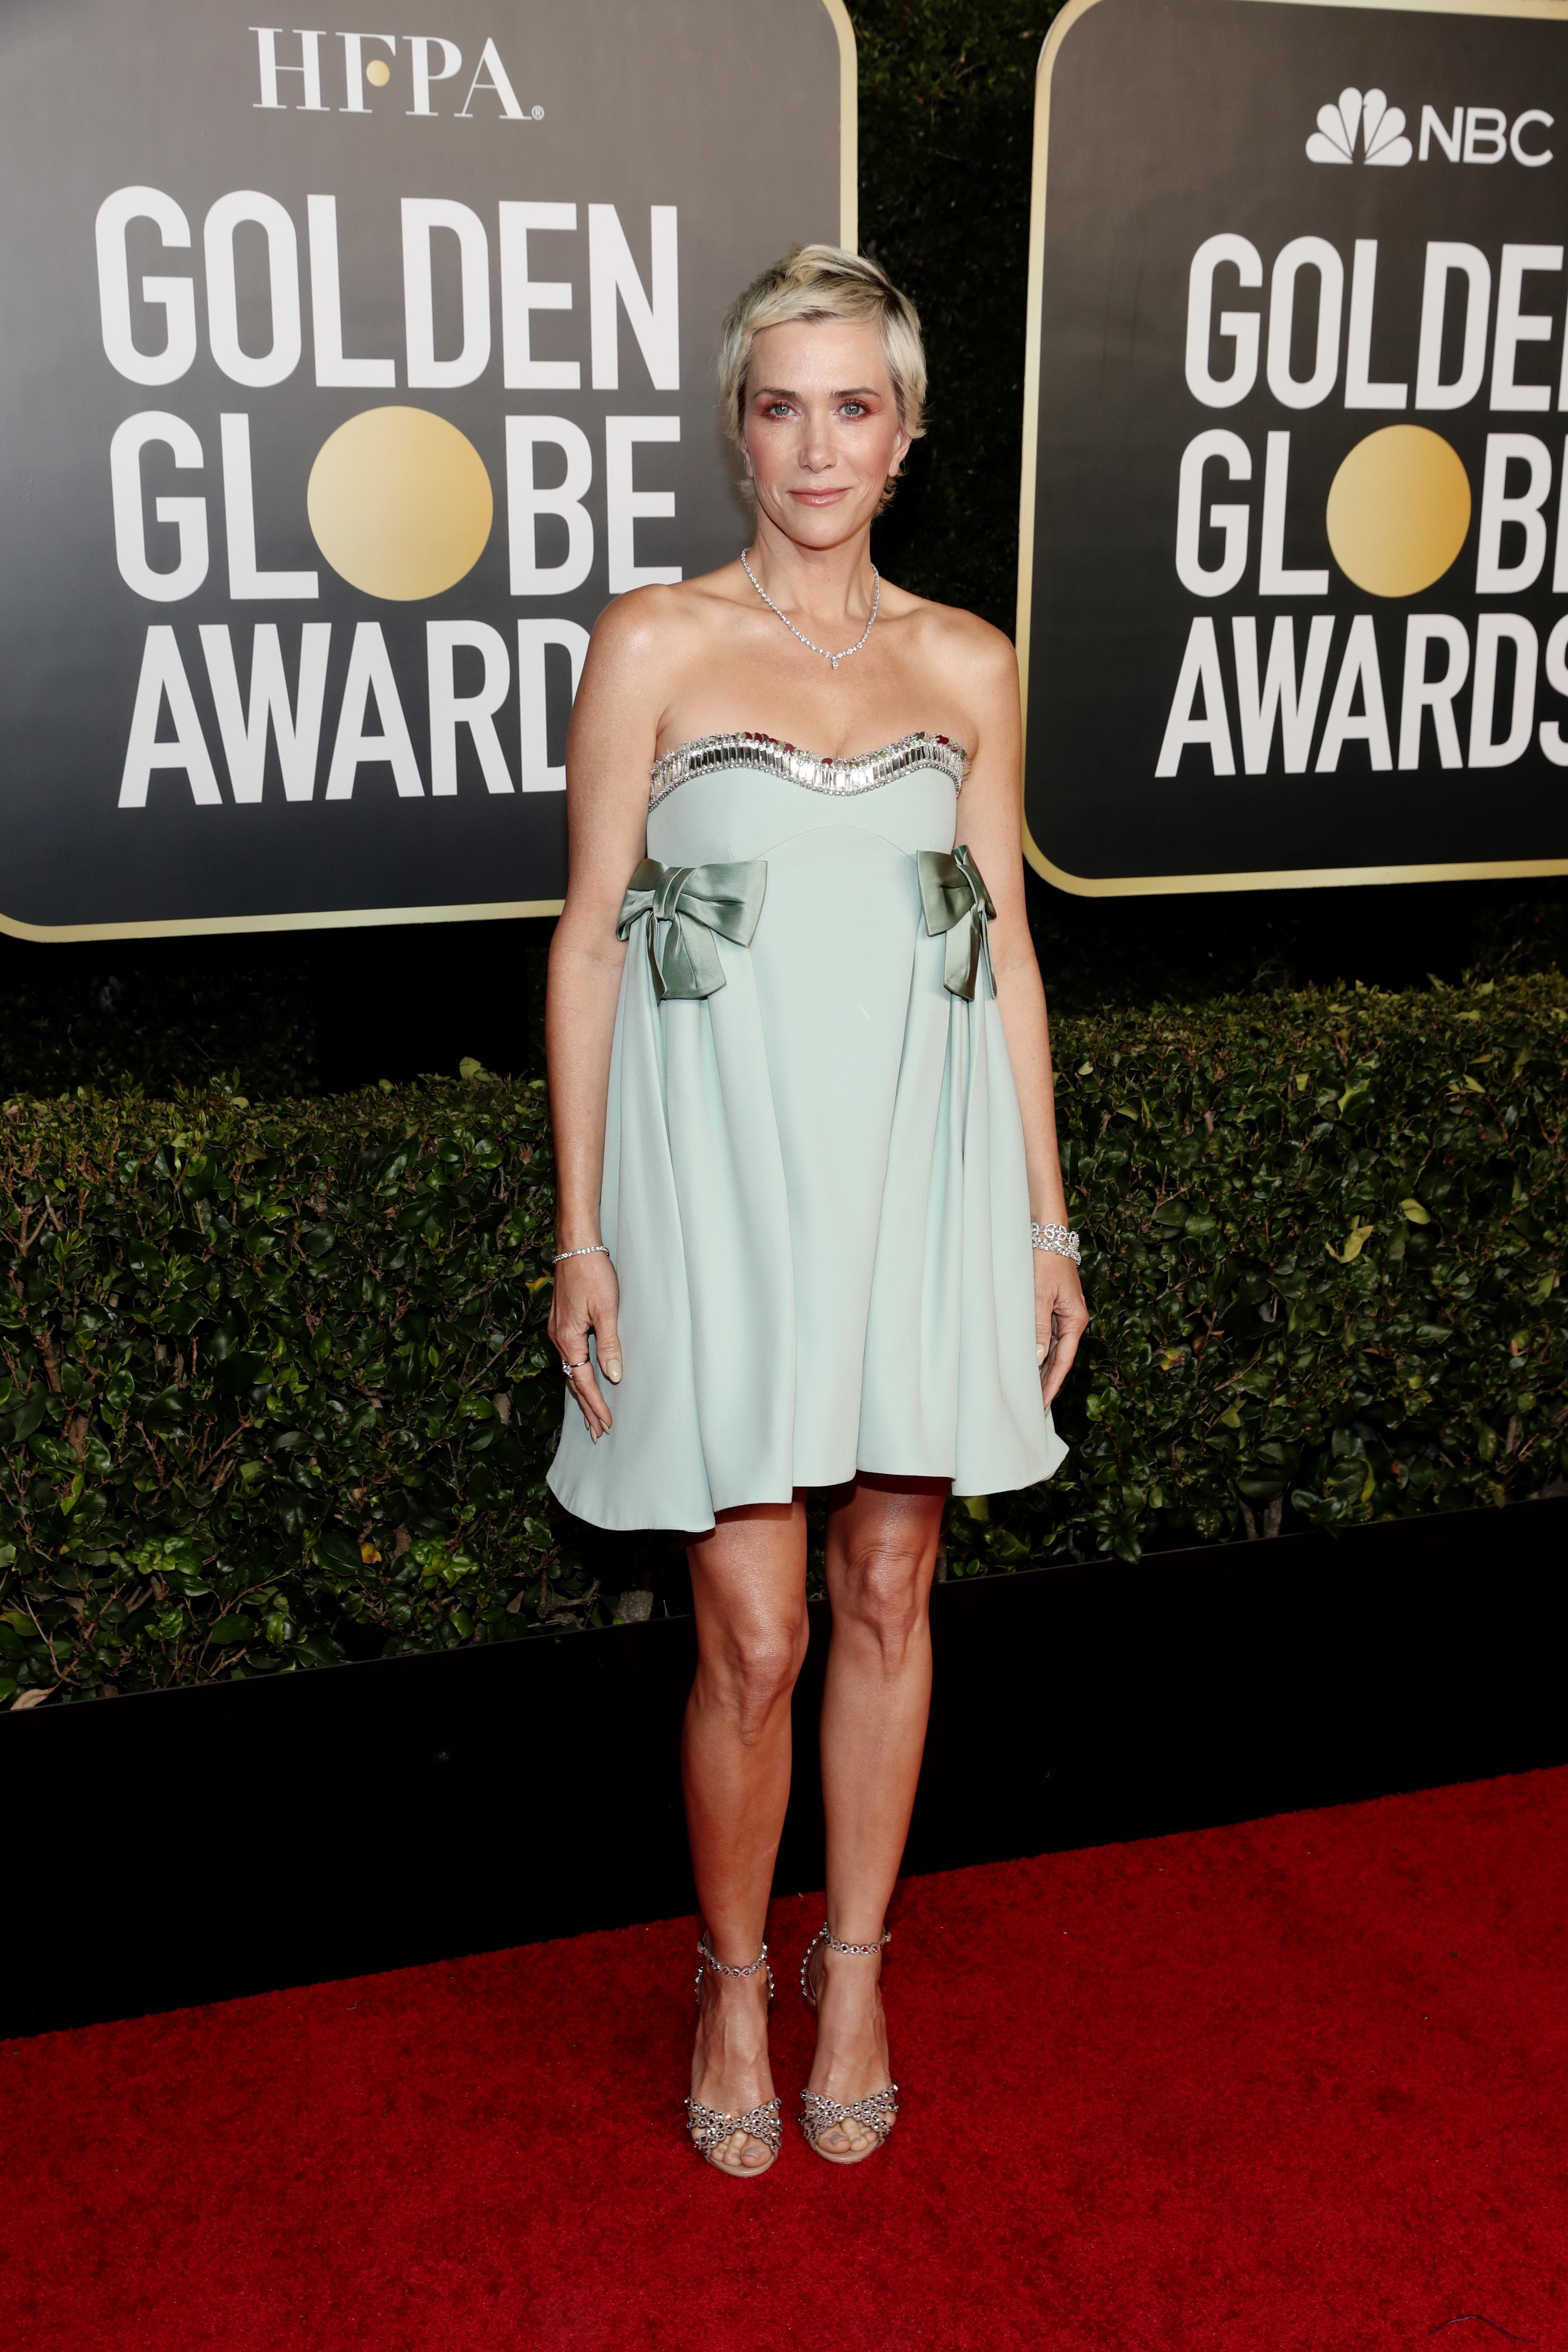 Kristen Wiig at an event for 2021 Golden Globe Awards (2021)